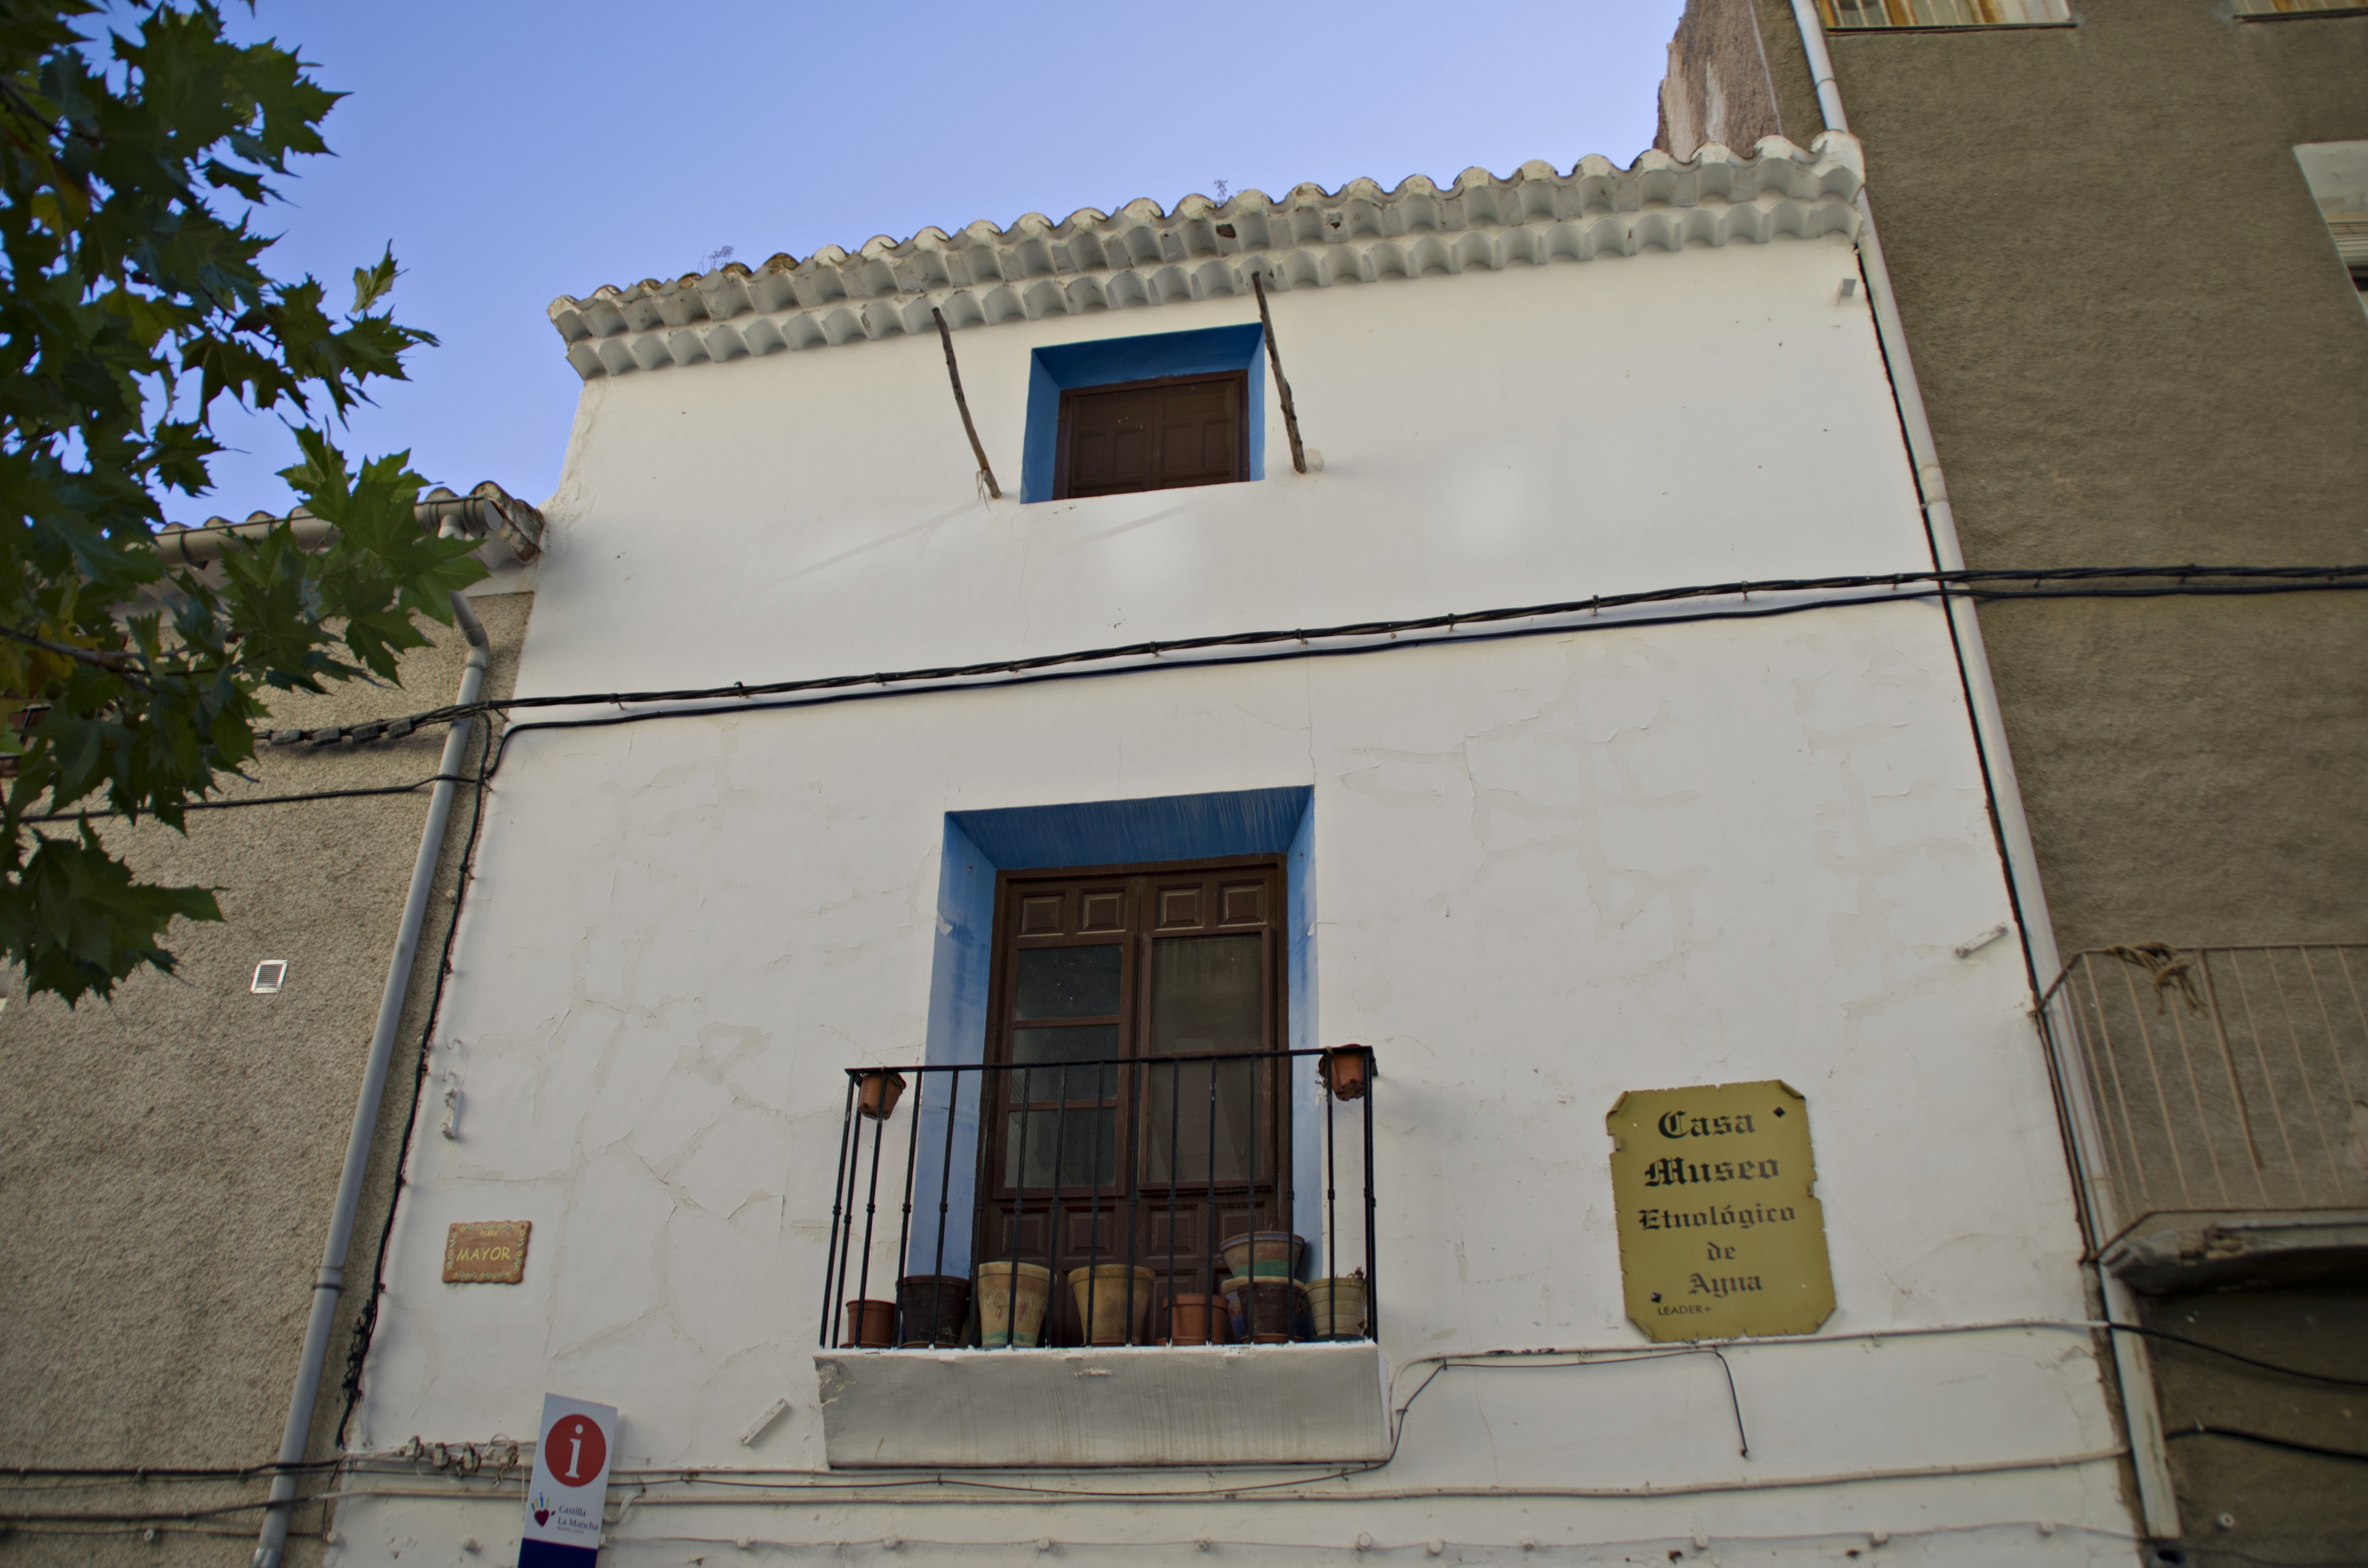 Pueblo de Aýna